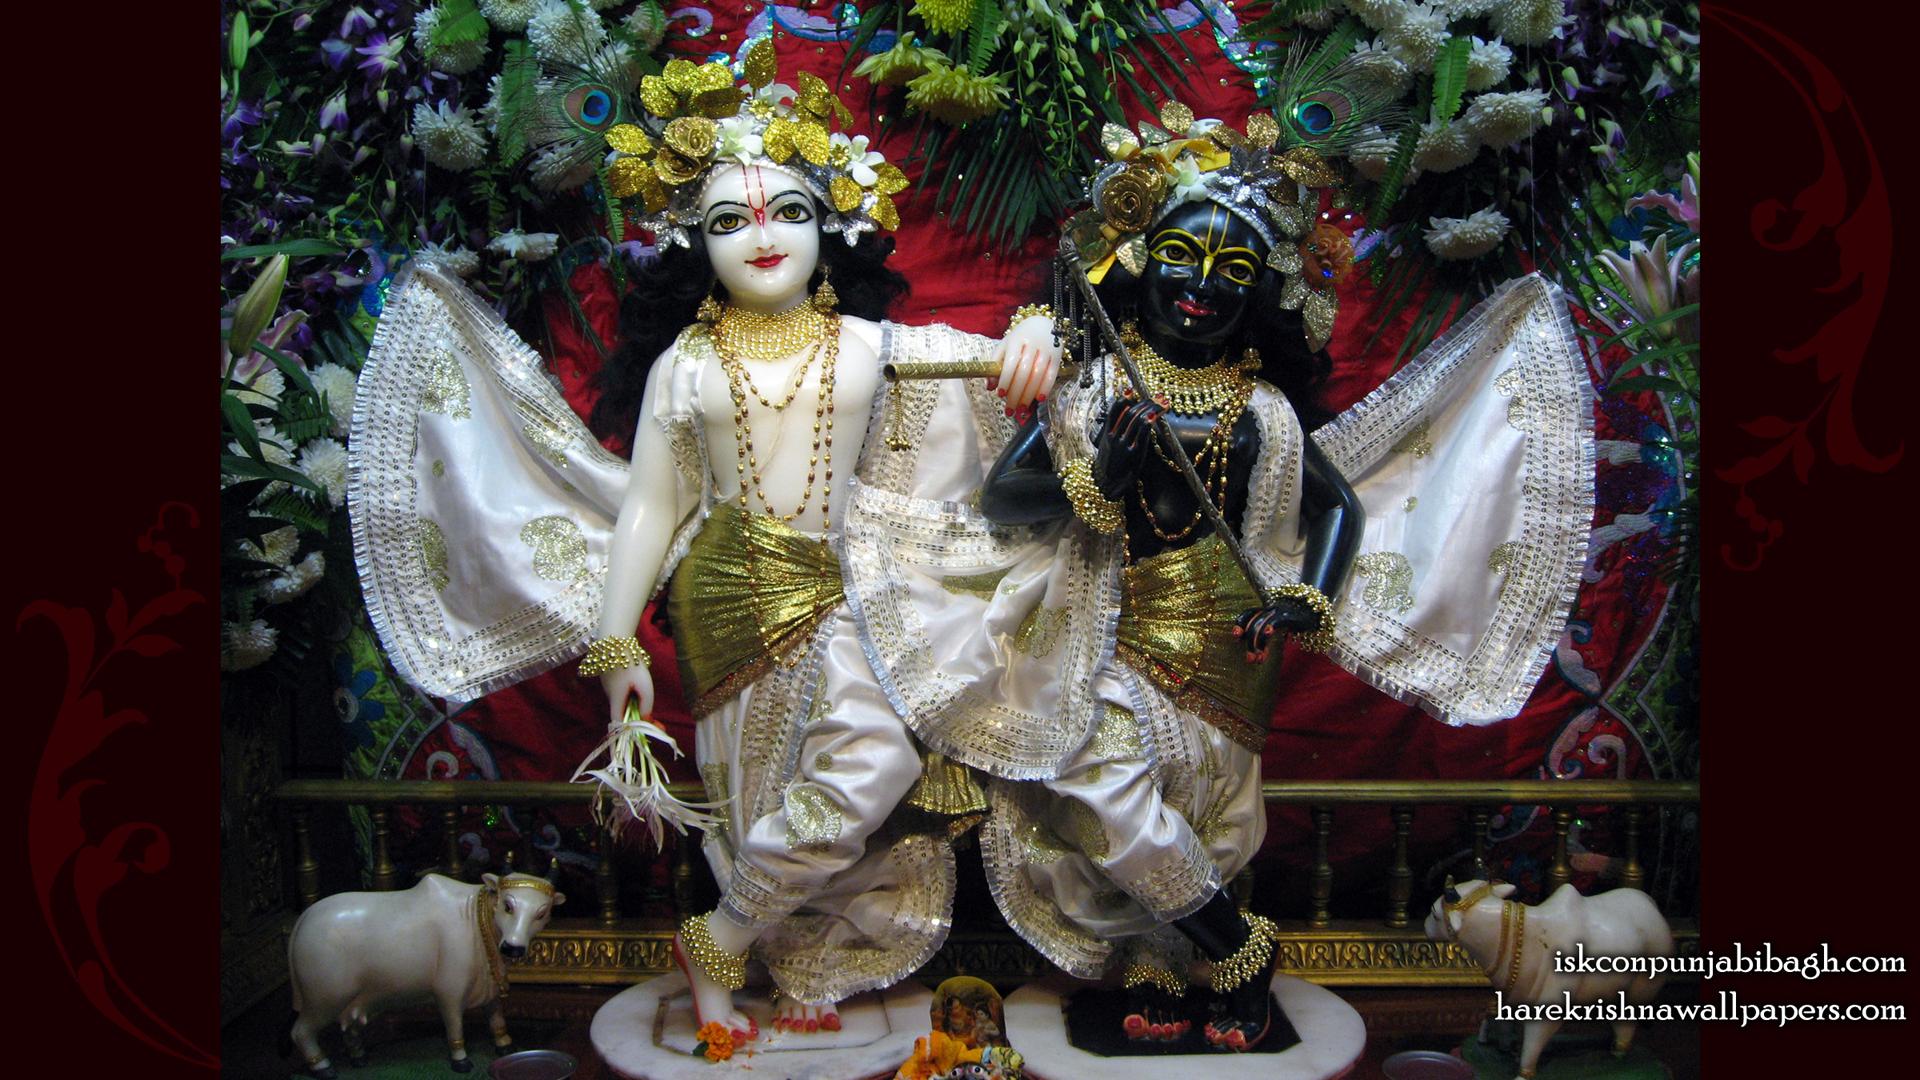 Sri Sri Krishna Balaram Wallpaper (001) Size 1920x1080 Download